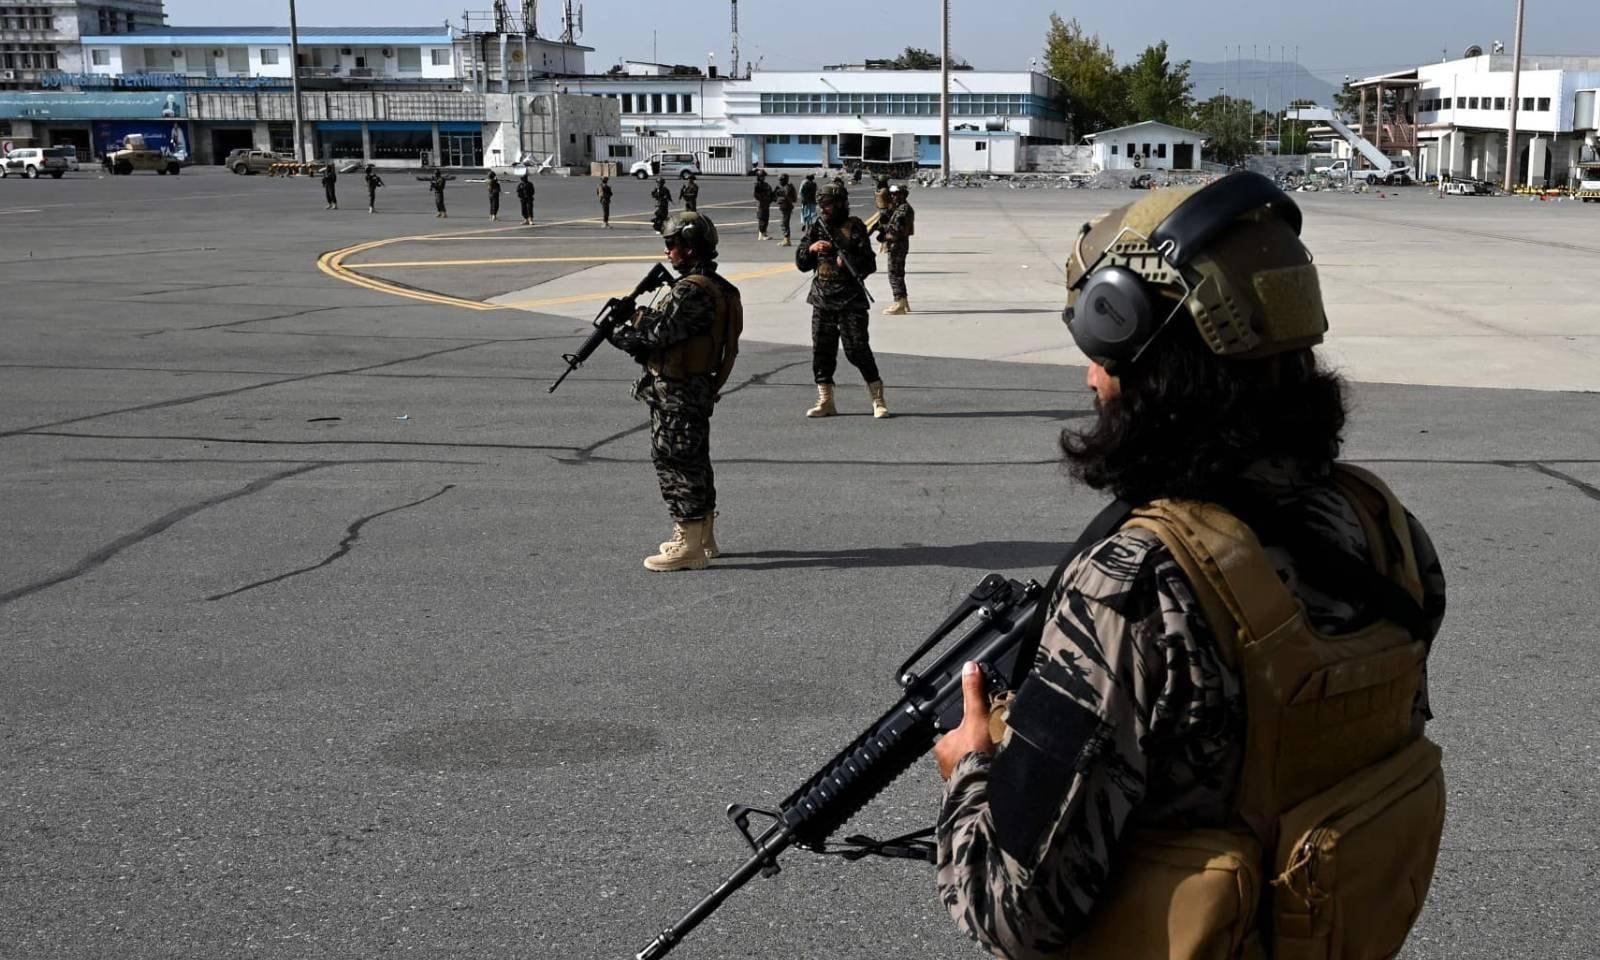 20 سال بعد امریکا کے انخلا کے بعد طالبان نے مکمل طور پر کنٹرول سنبھال لیا ہے —فوٹو: اے ایف پی